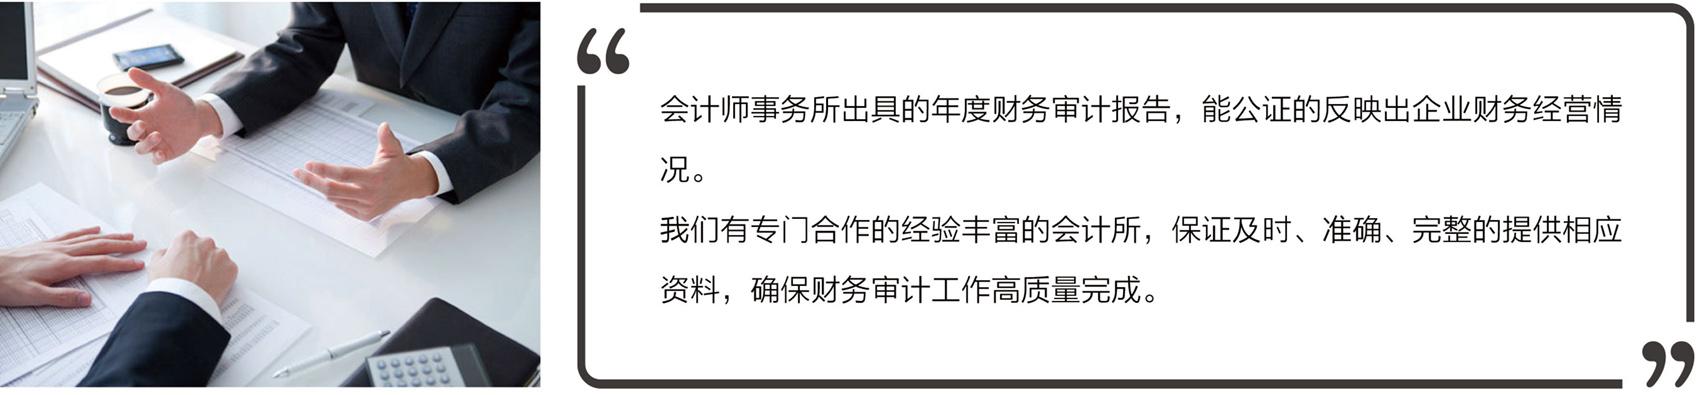 配合财务审计_03.jpg